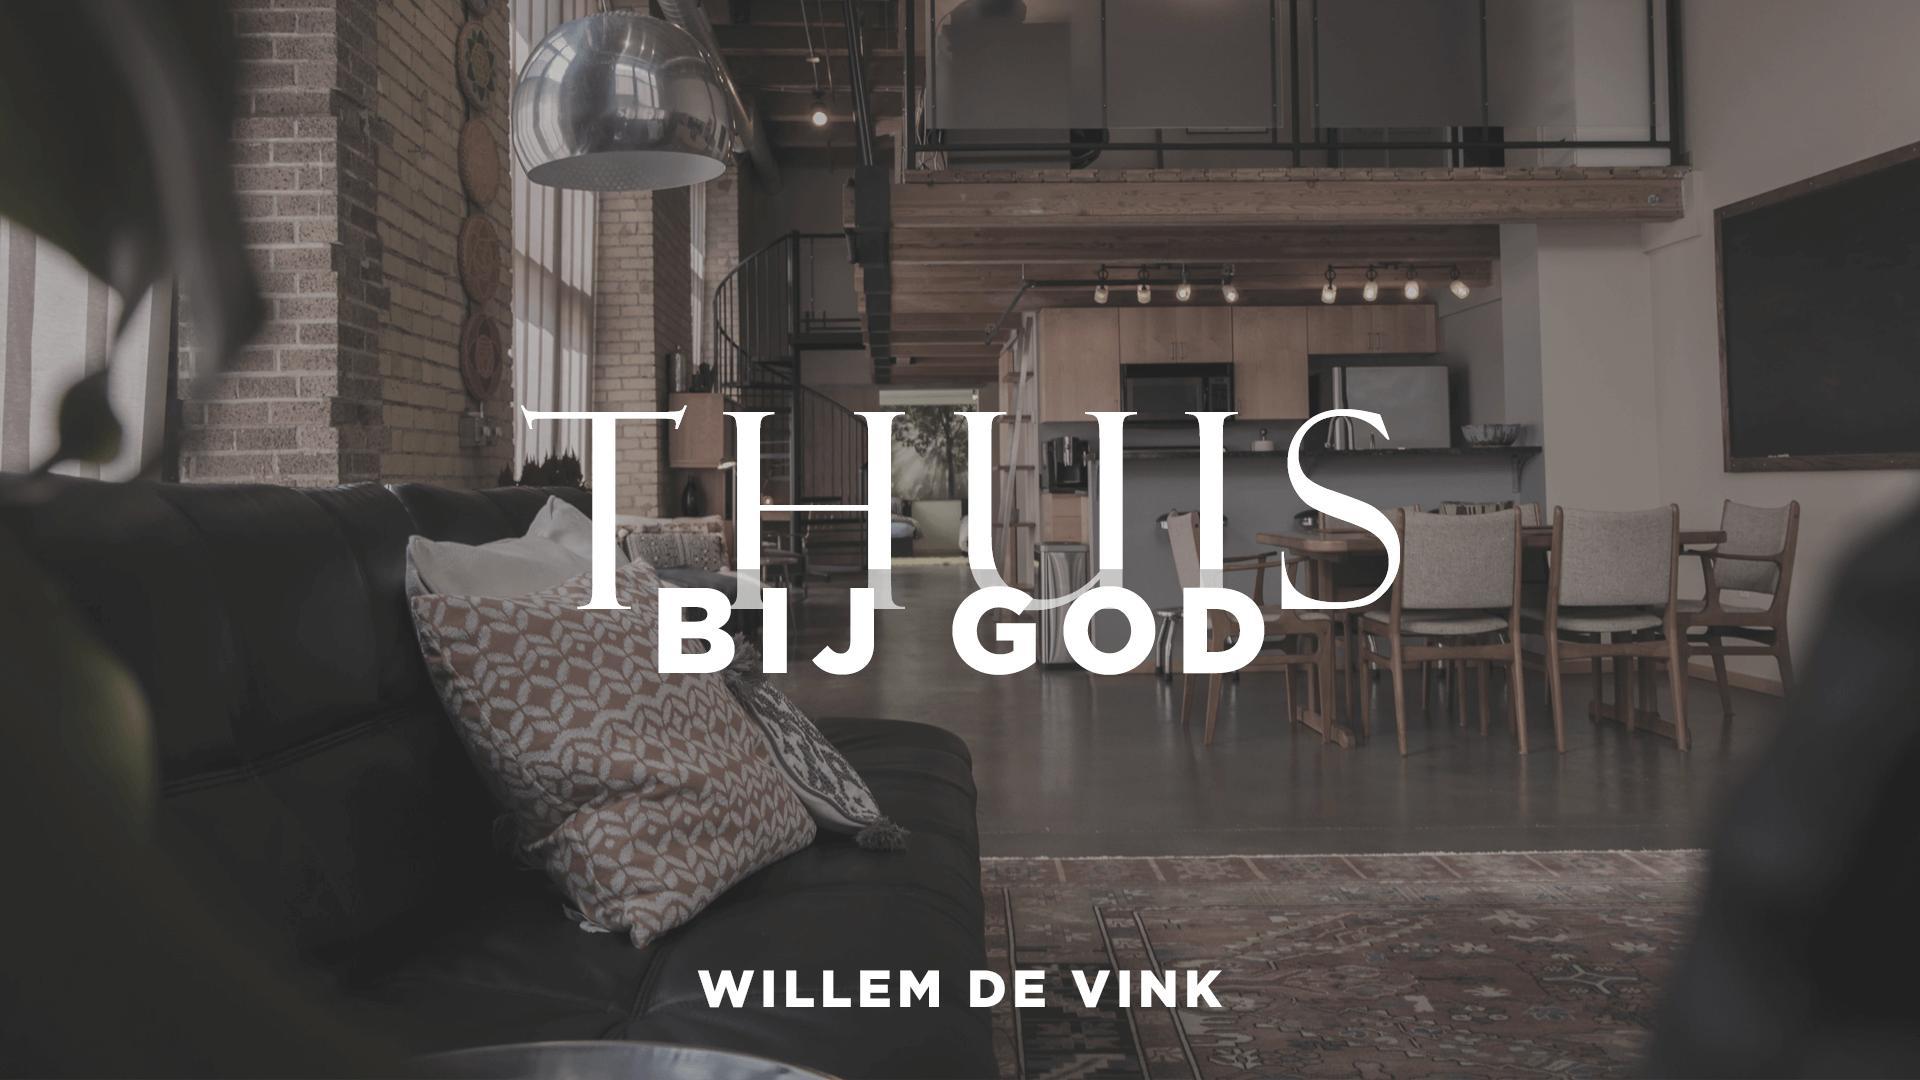 Bekijk de laatste preek van Willem de Vink over Thuis bij God